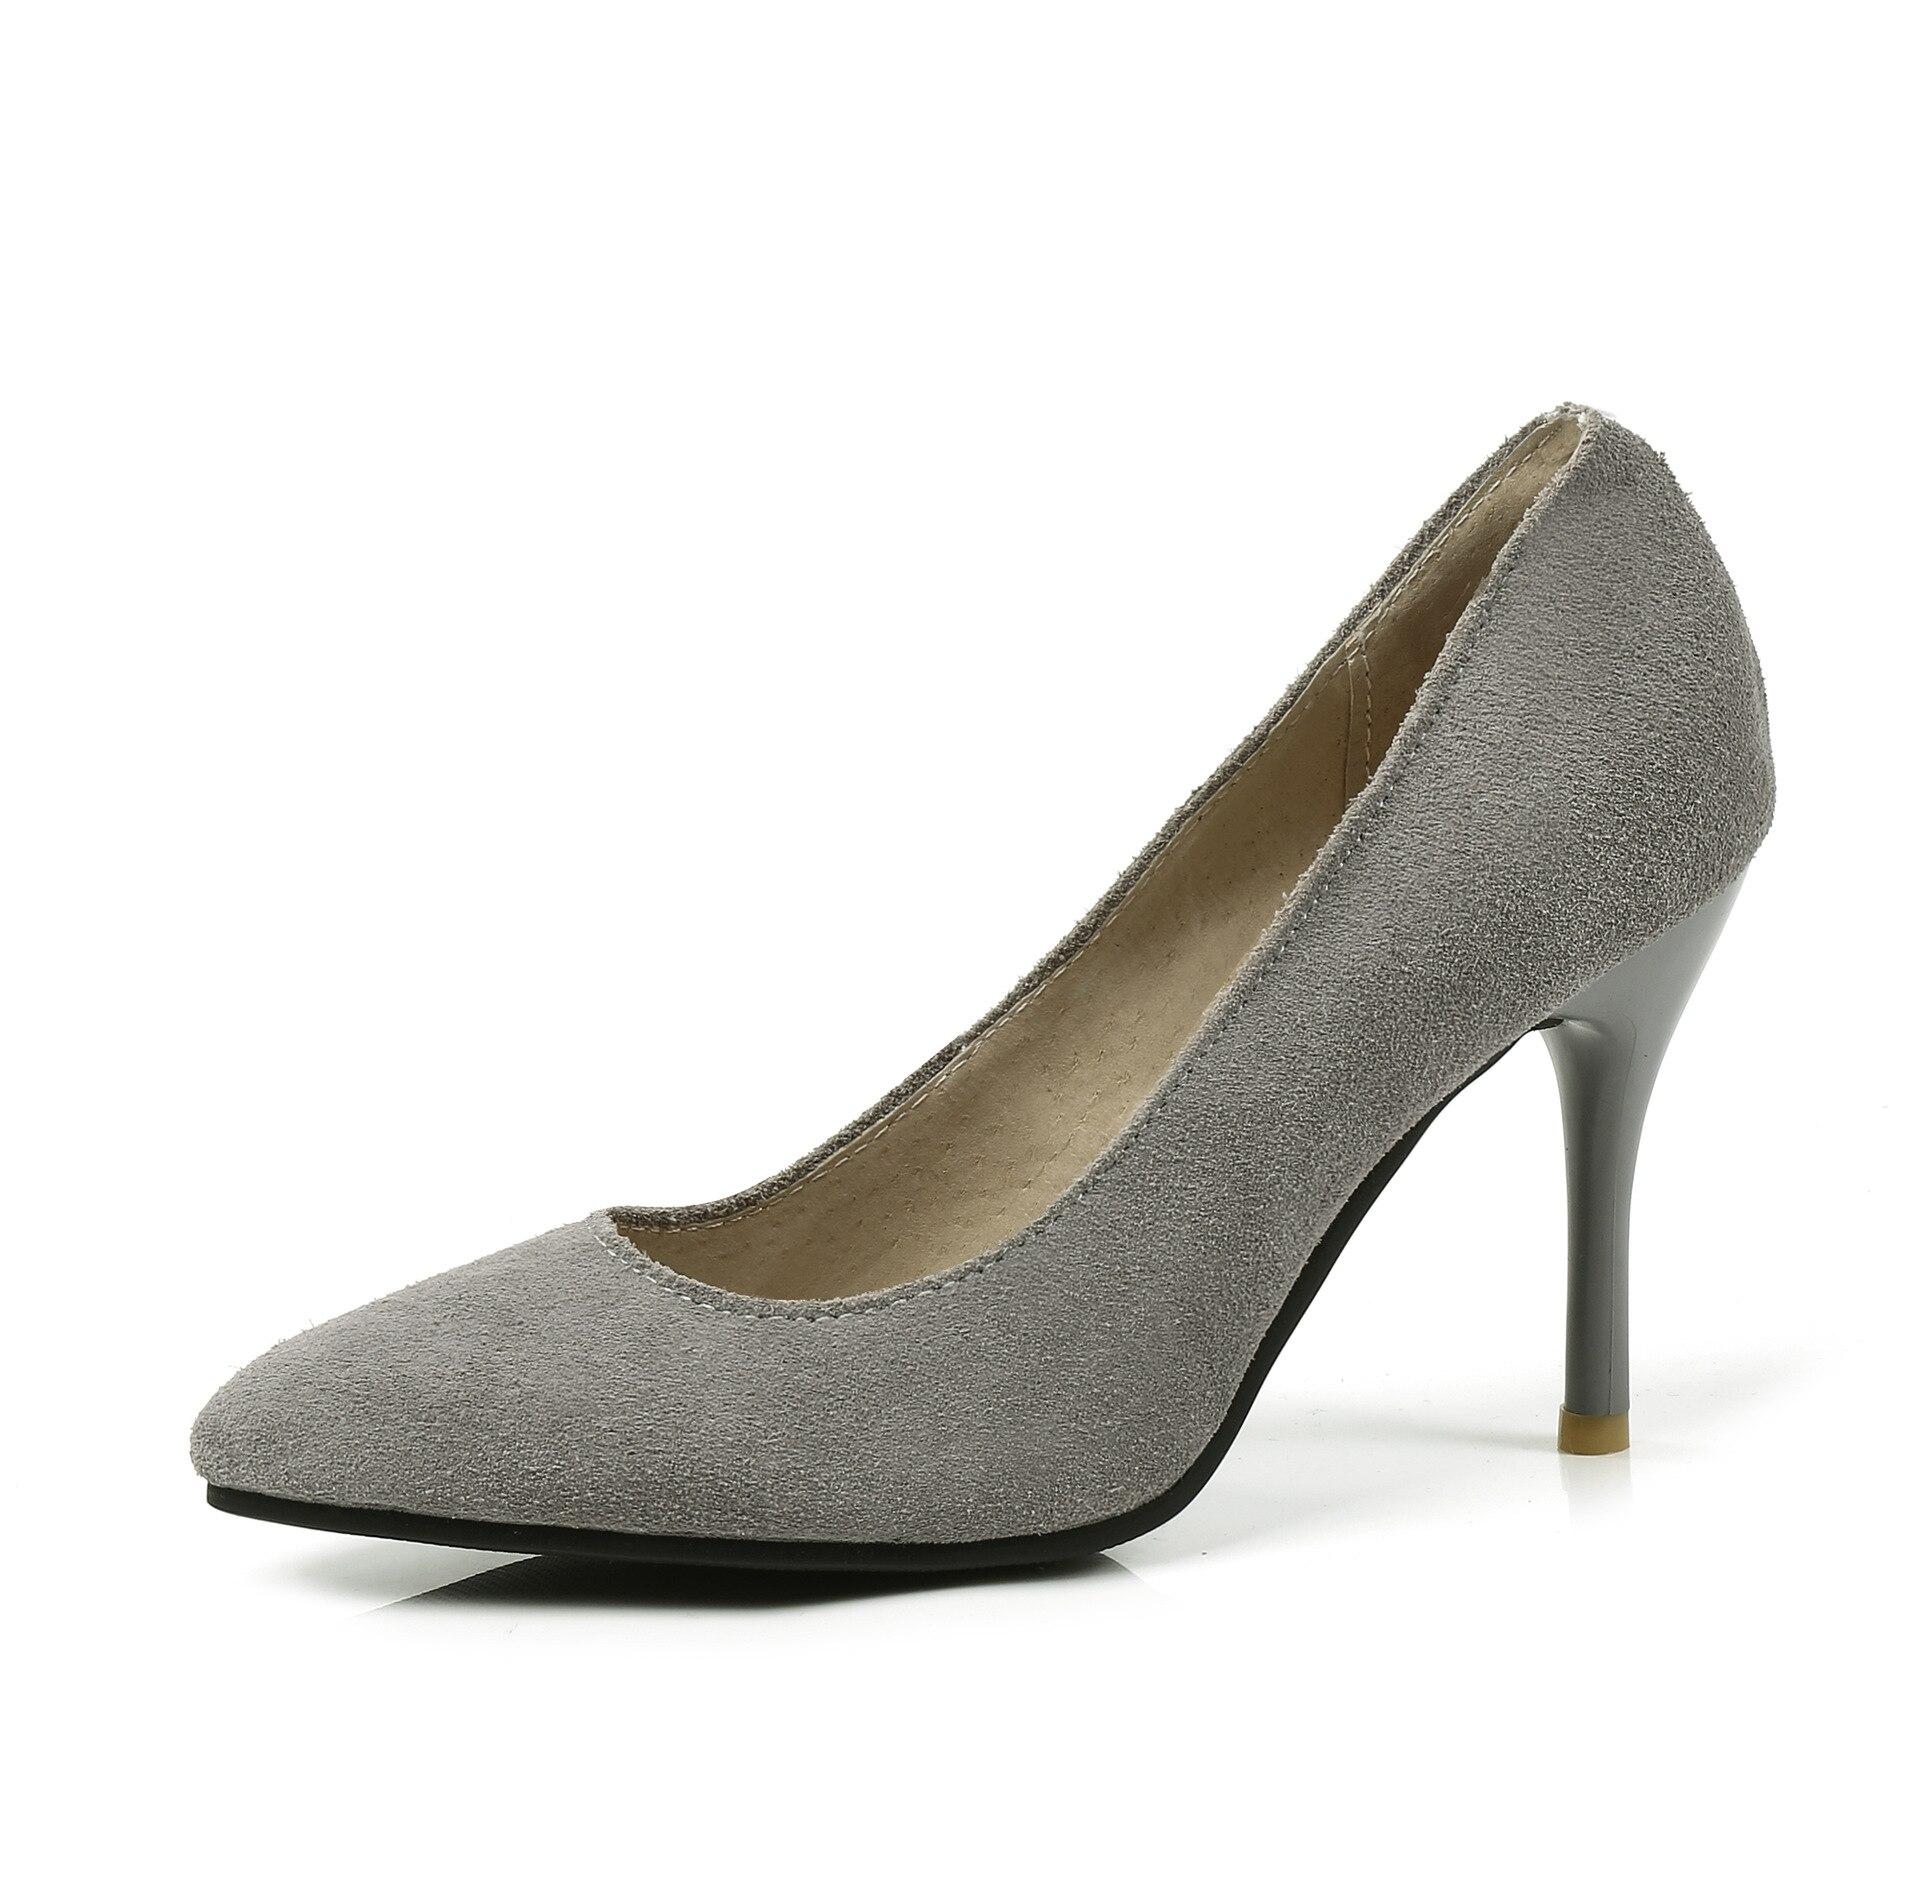 Chaussures Amende Code Printemps Simples Pink gris Nouveau 30 Pointu 18316 noir Taille Cuir Naked Sauvage Talons 45 Ol À Hauts En 2018 Professionnel OO0qrwa